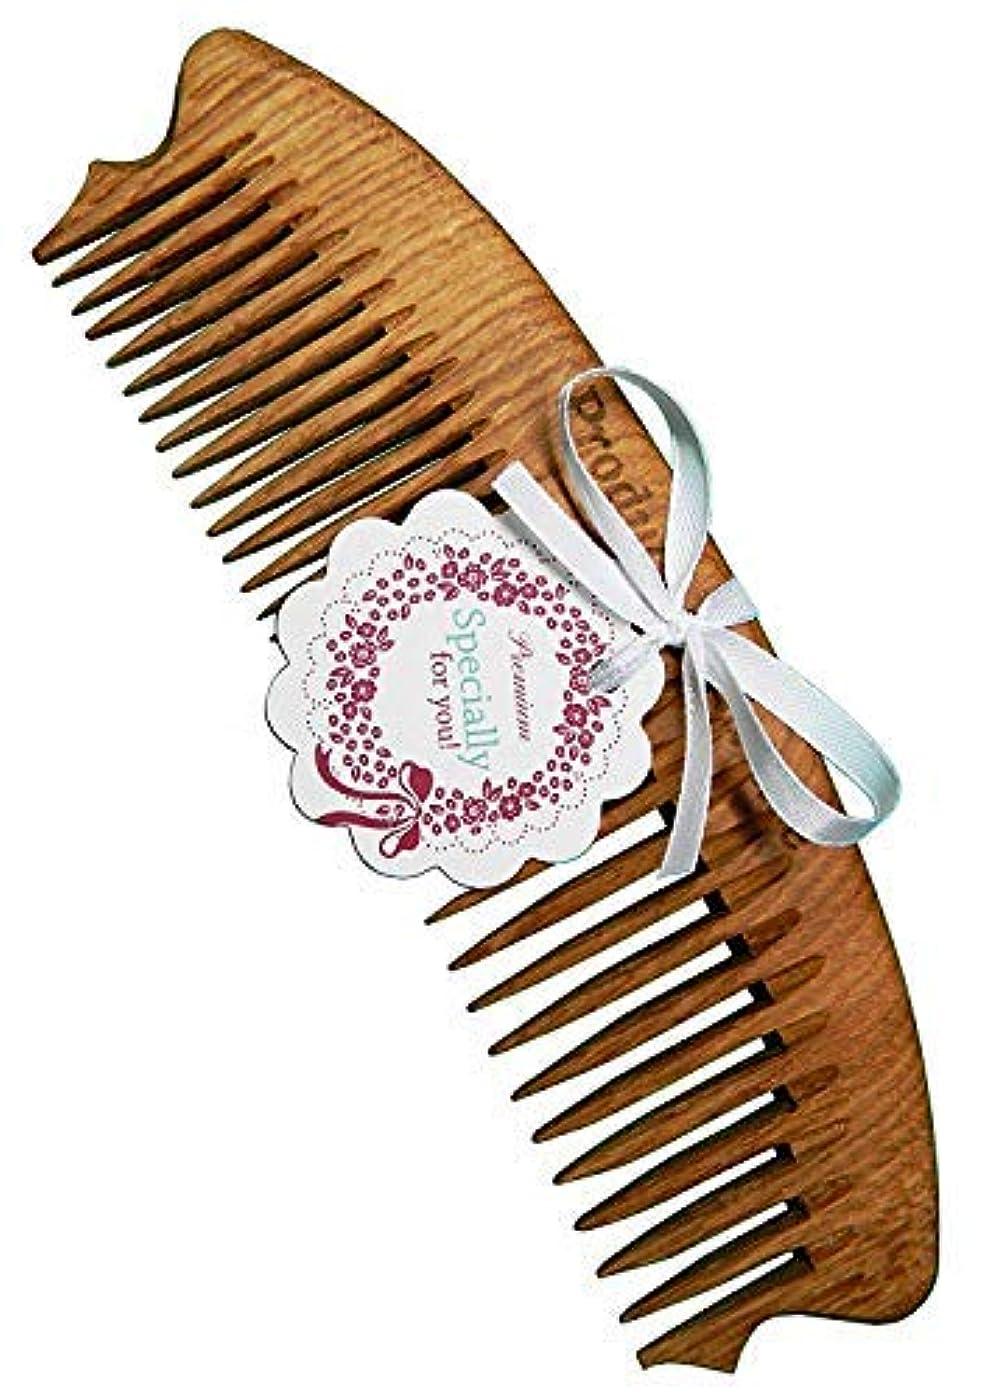 買うキャビン見出しWooden comb It is a special comb made from natural oak wood 100% HANDCRAFTED Premium [並行輸入品]